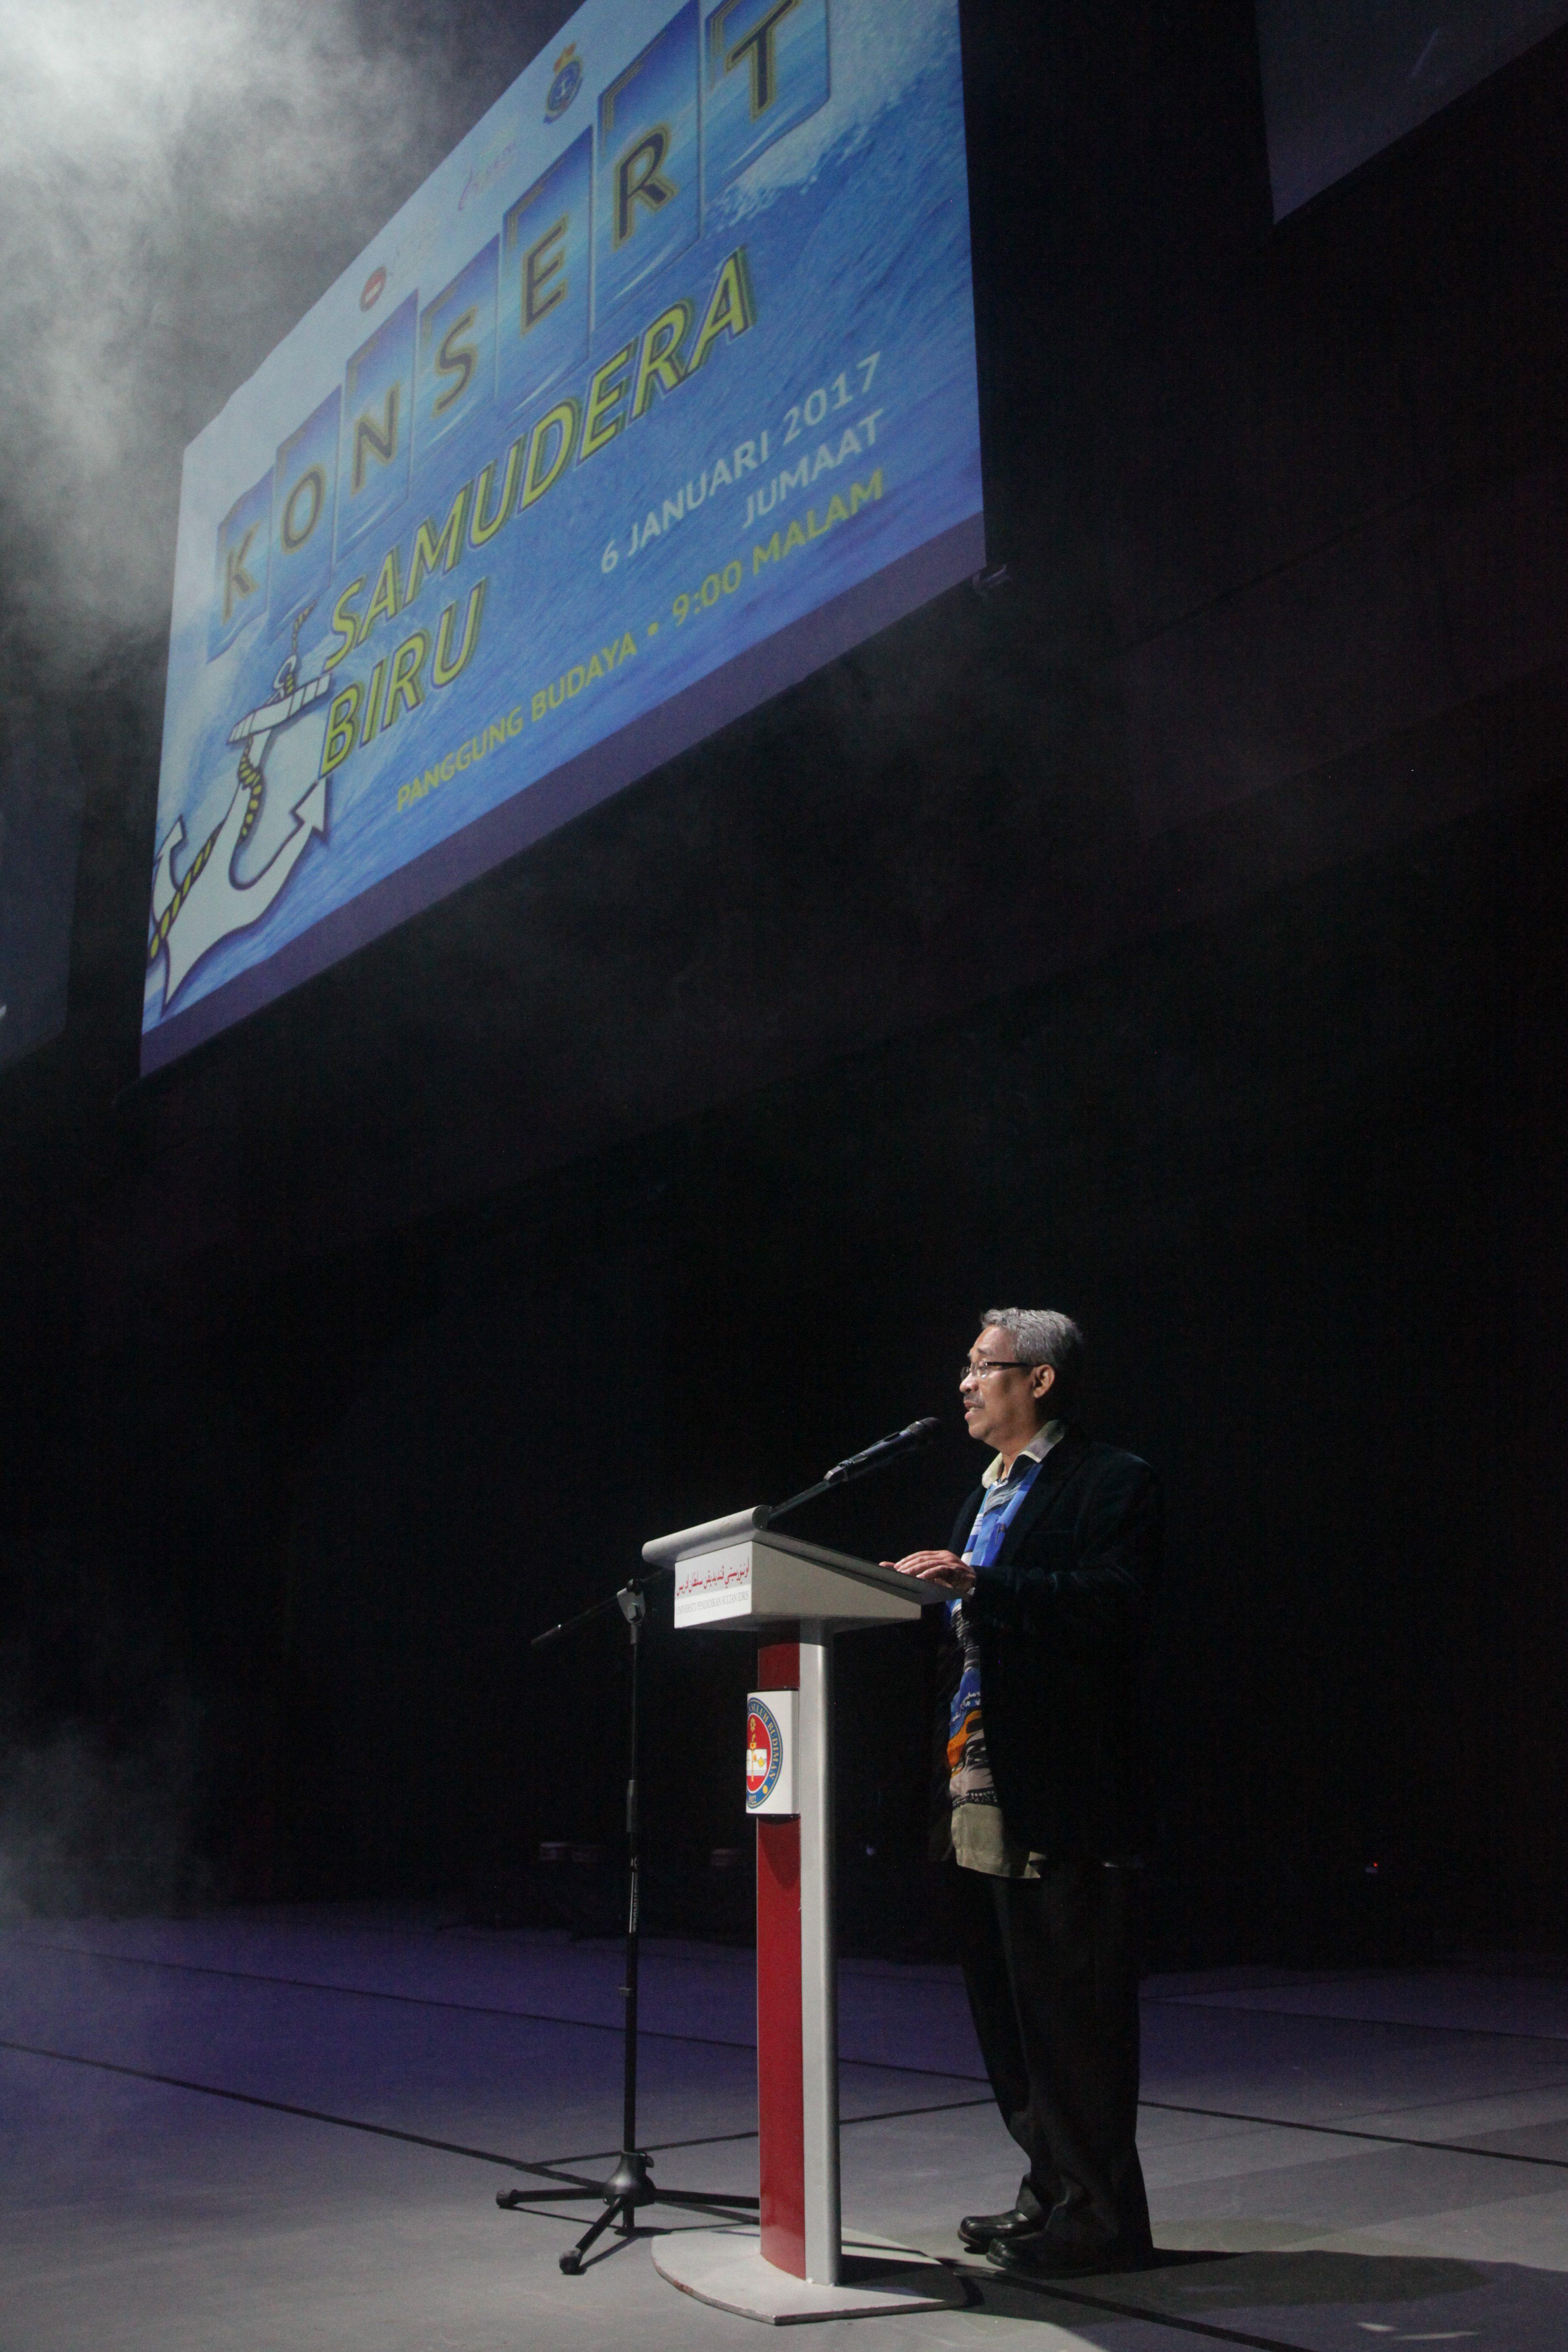 Konsert Samudera Biru rai kerjasama UPSI dan TLDM